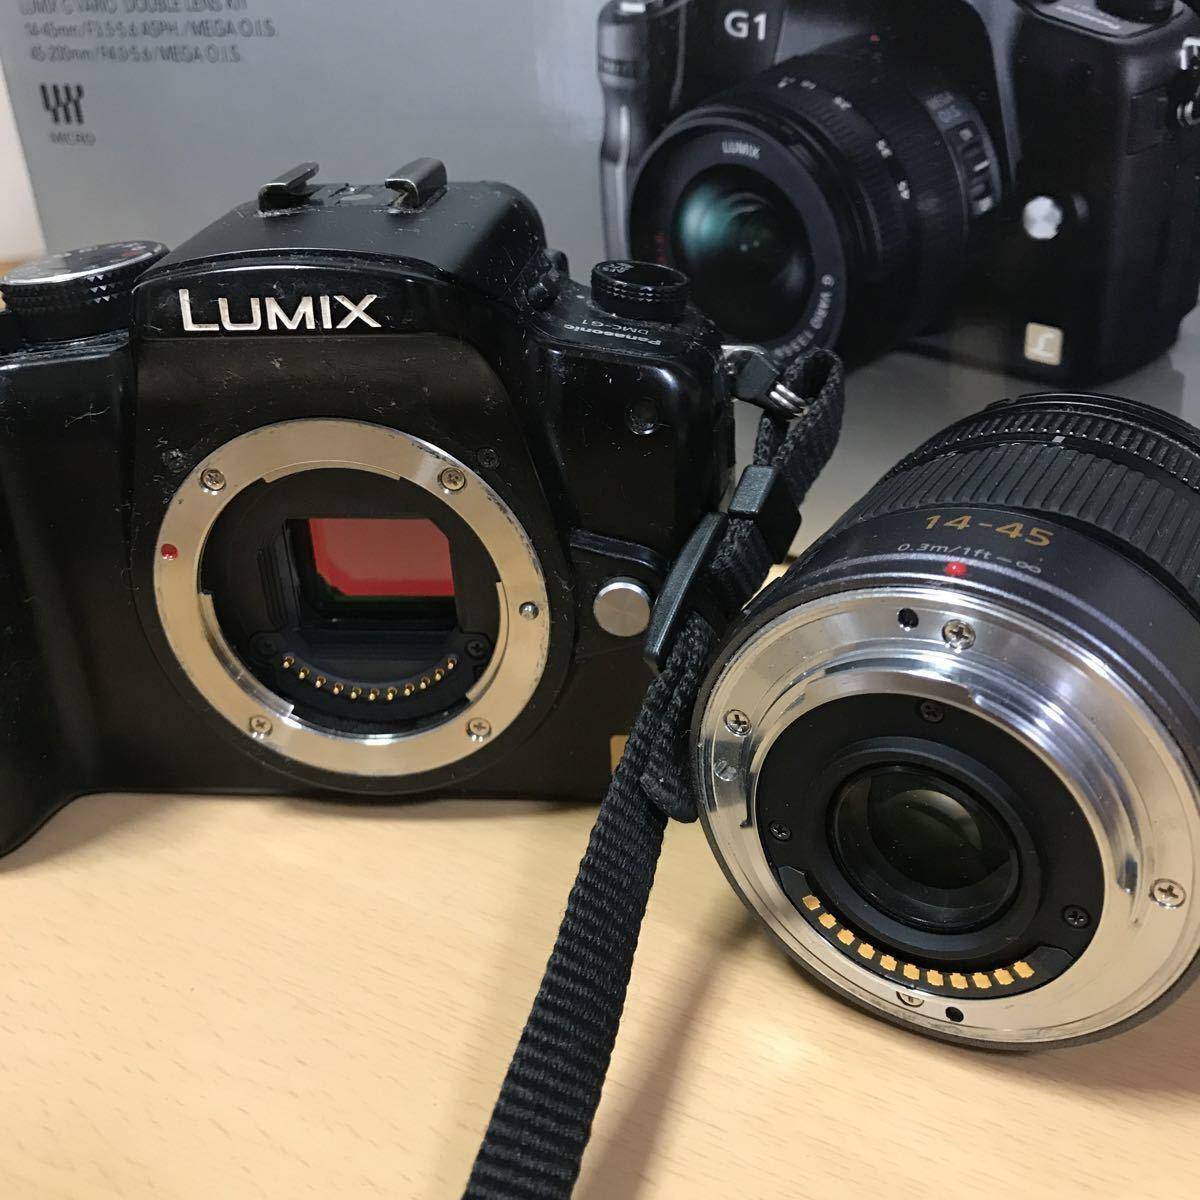 訳あり Panasonic パナソニック LUMIX G1 ダブルズームレンズキット DMC-G1W-K カメラ ミラーレス一眼 コンフォートブラック K3707718_画像10